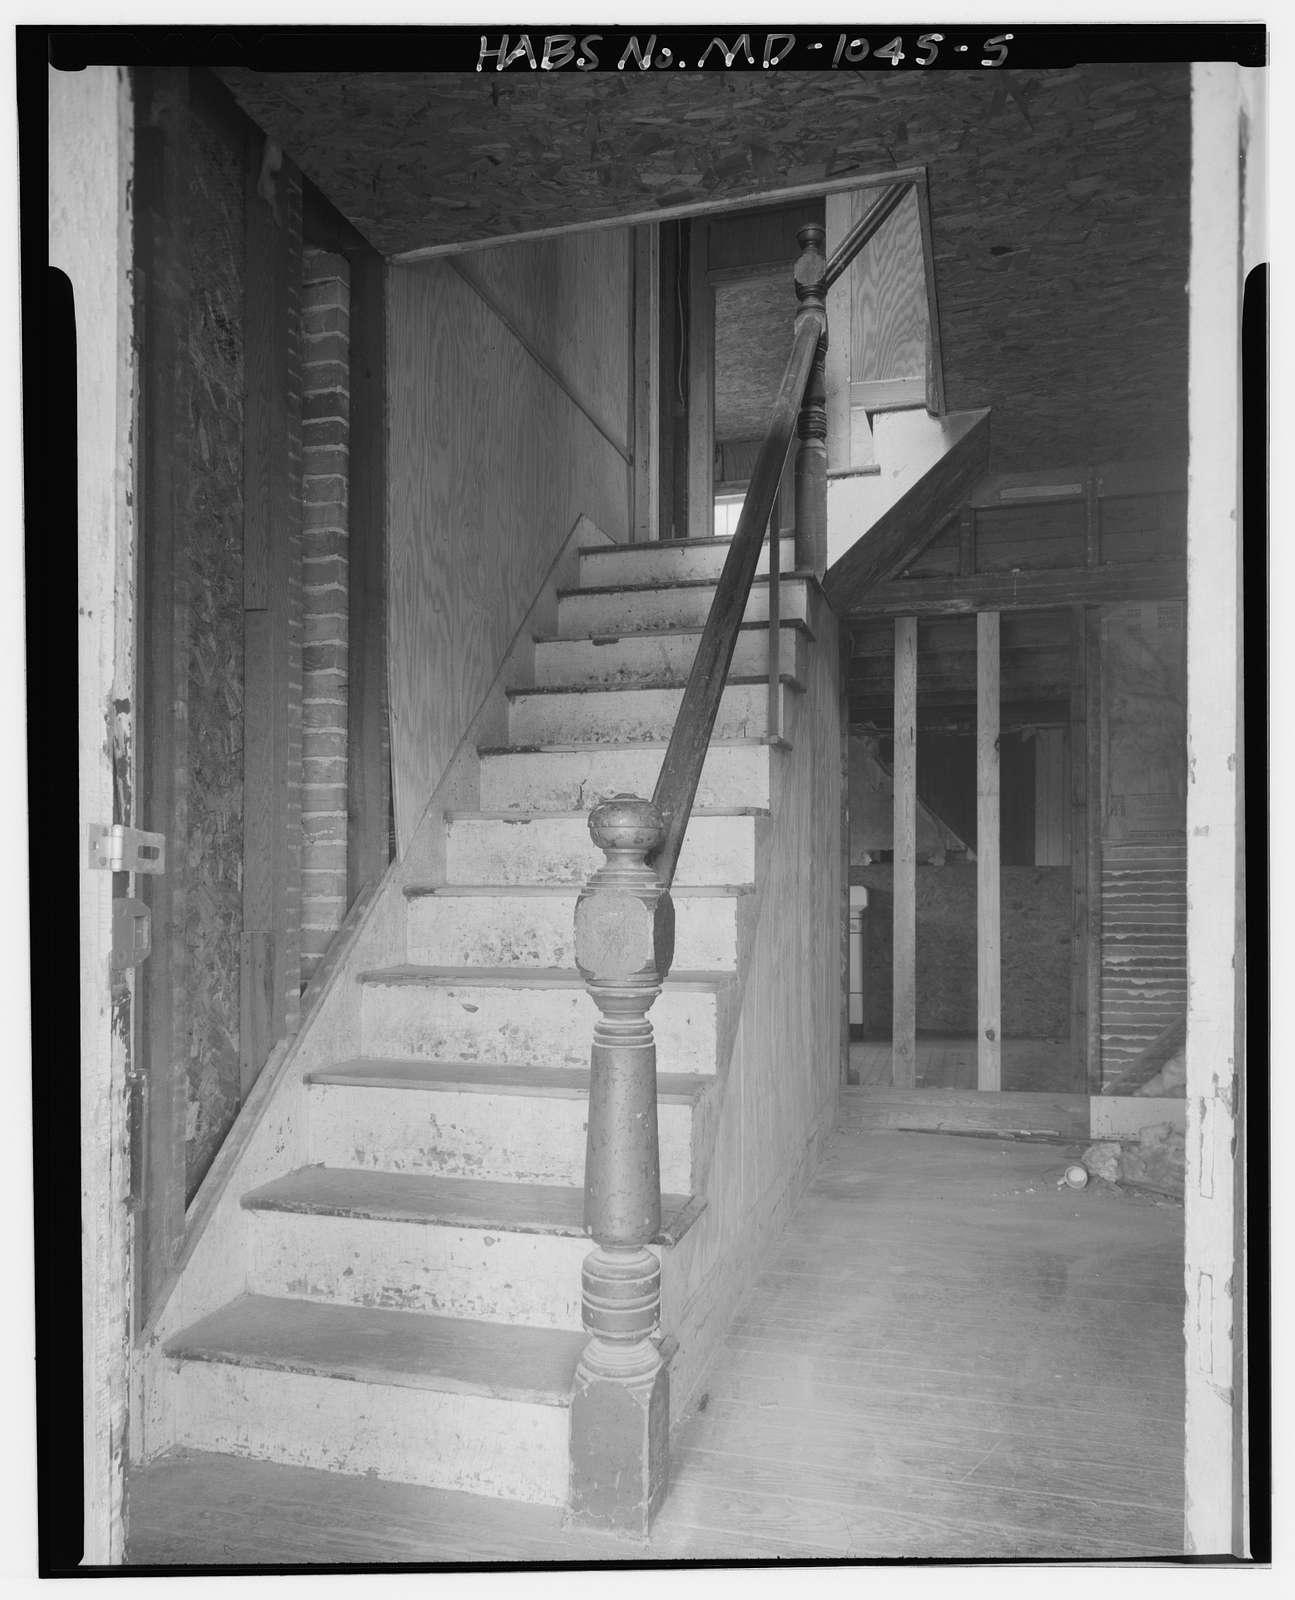 508 Clarke Avenue (House), 508 Clarke Avenue, Pocomoke City, Worcester County, MD